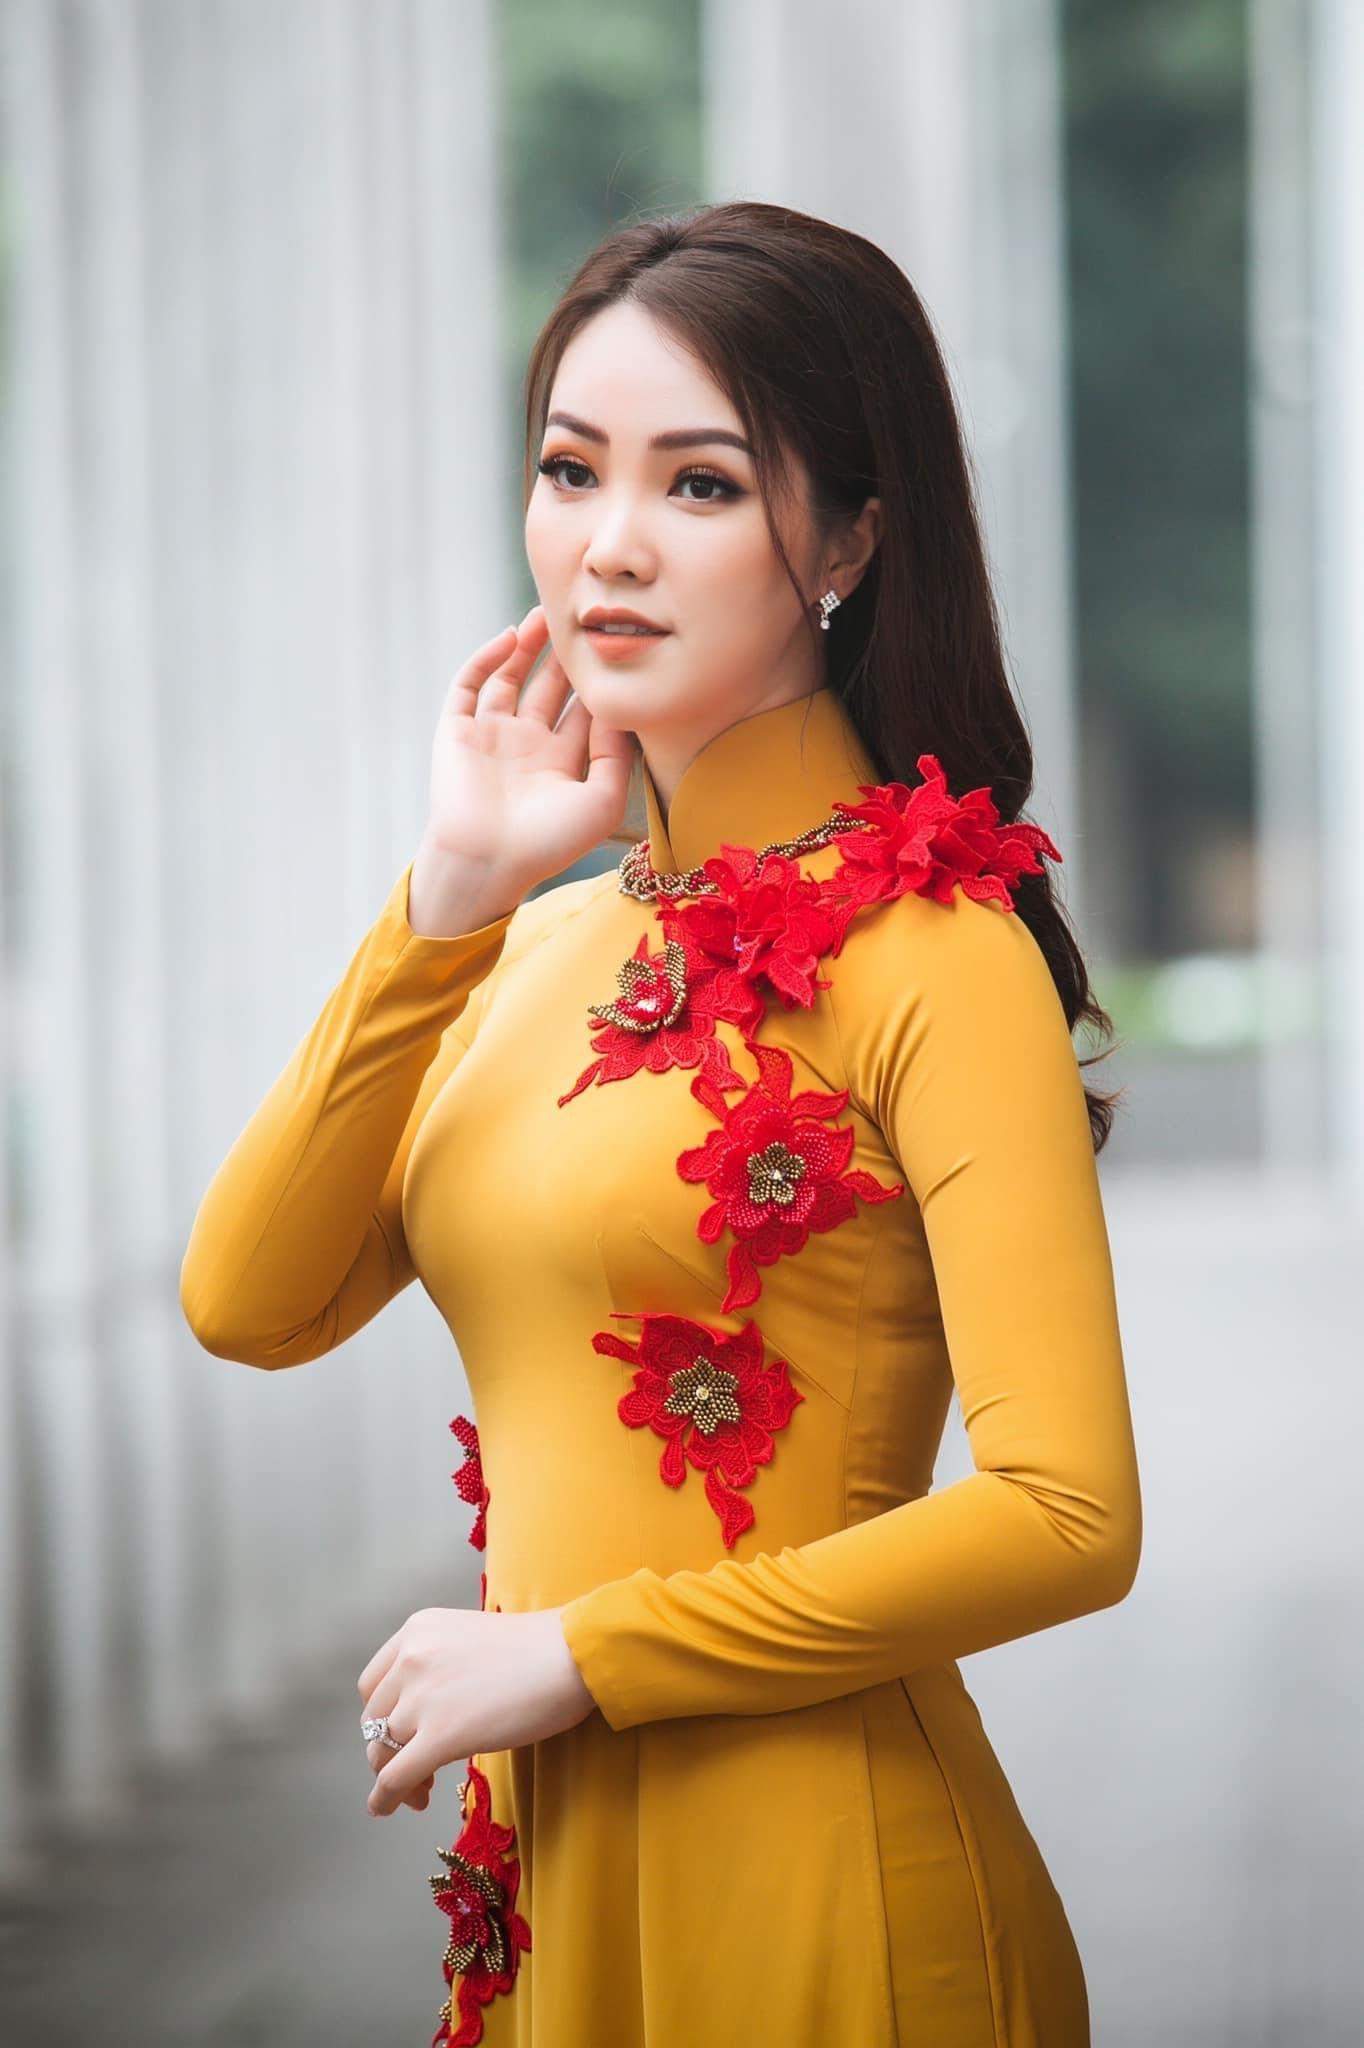 MC Thụy Vân của VTV mê áo dài của NTK Vũ Thu Trang